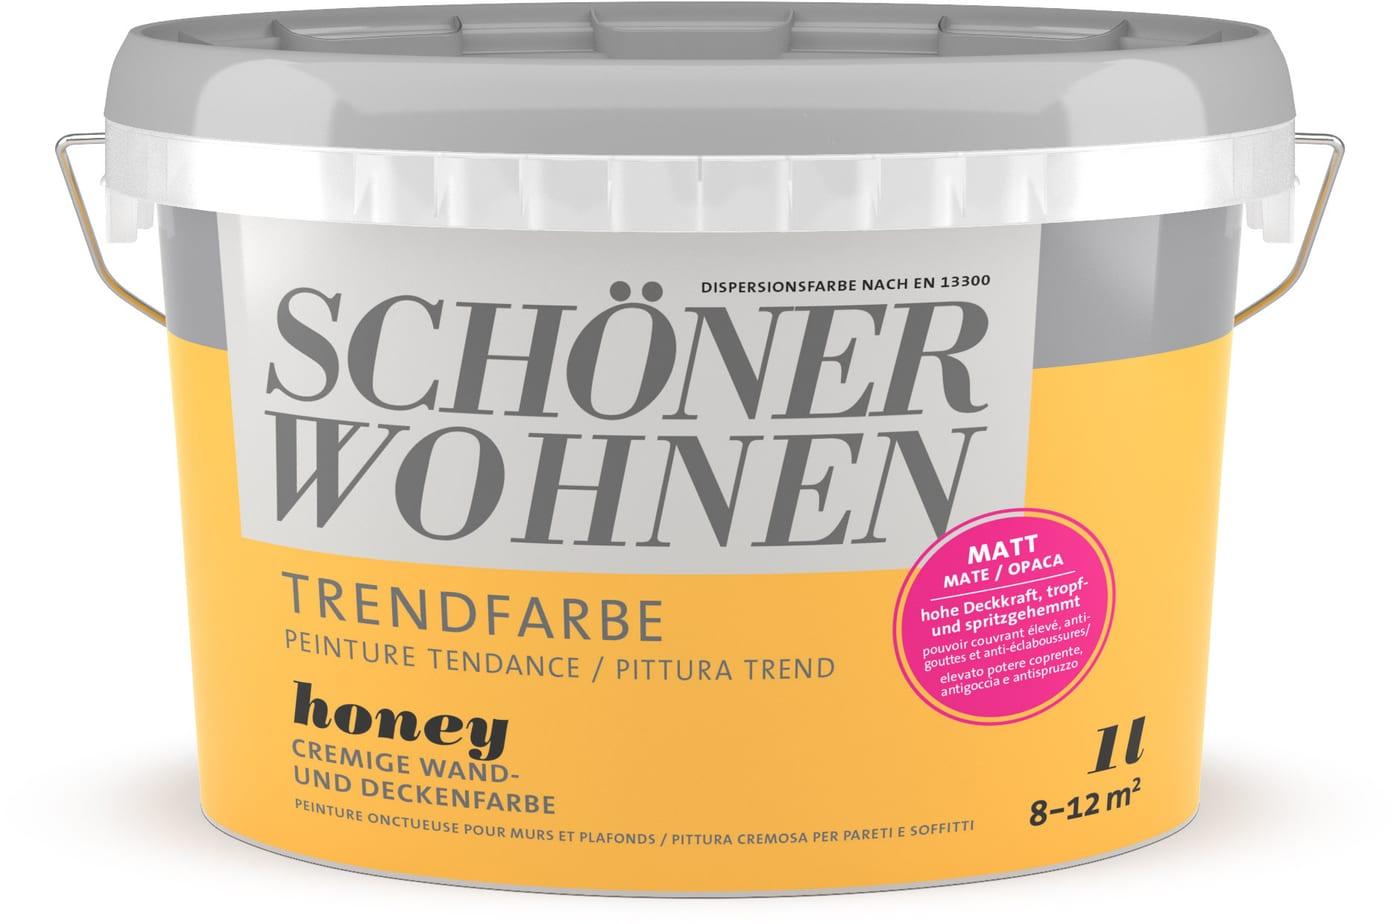 Schöner Wohnen Trend Wandfarbe matt Honey 1 l